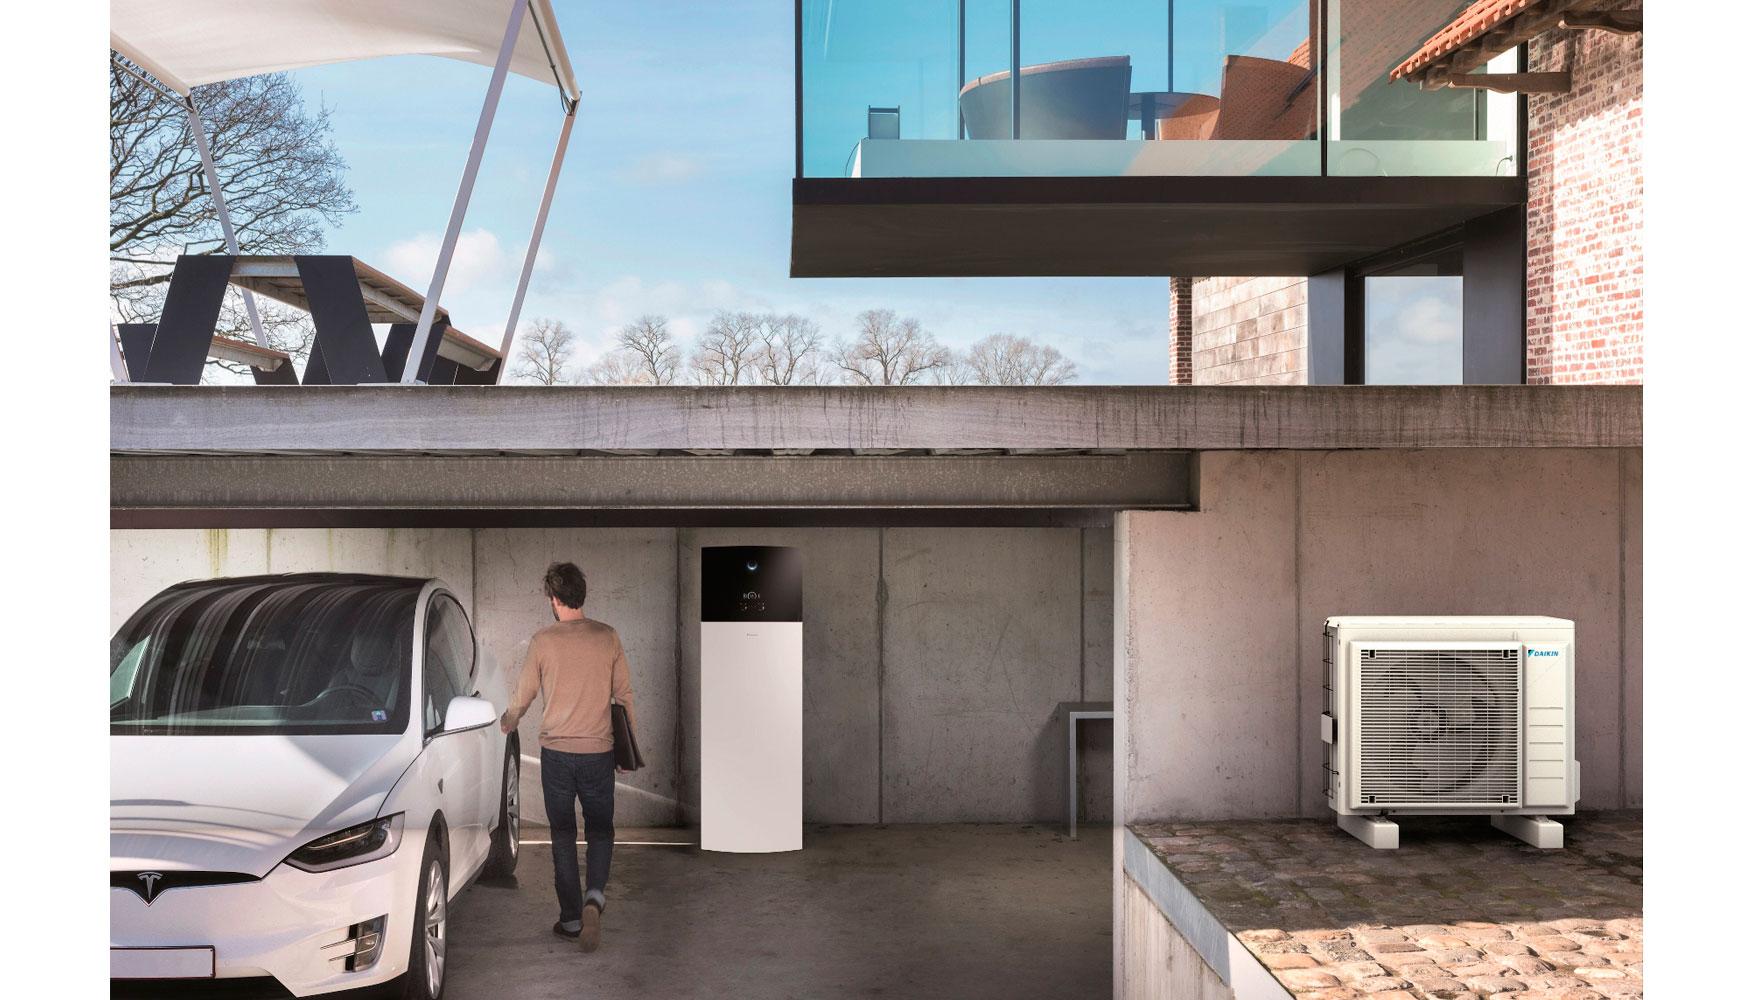 Daikin Presenta La Nueva Generaci N De Daikin Altherma  # Muebles Generacion